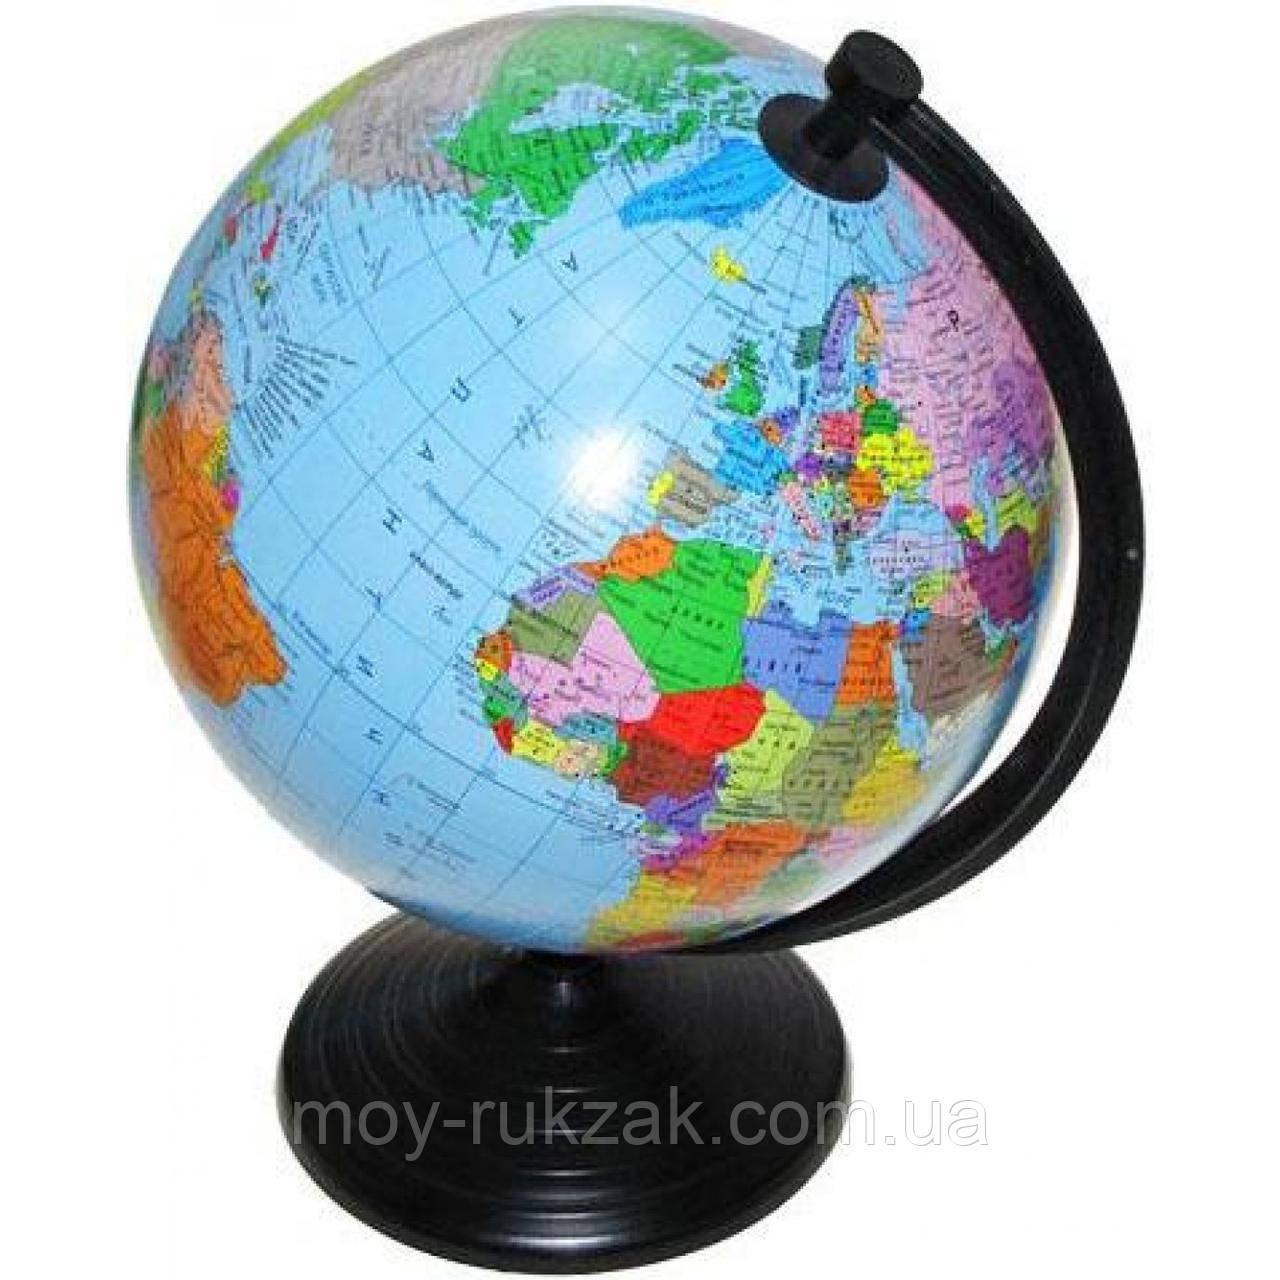 Глобус мира политический, диаметр 220мм